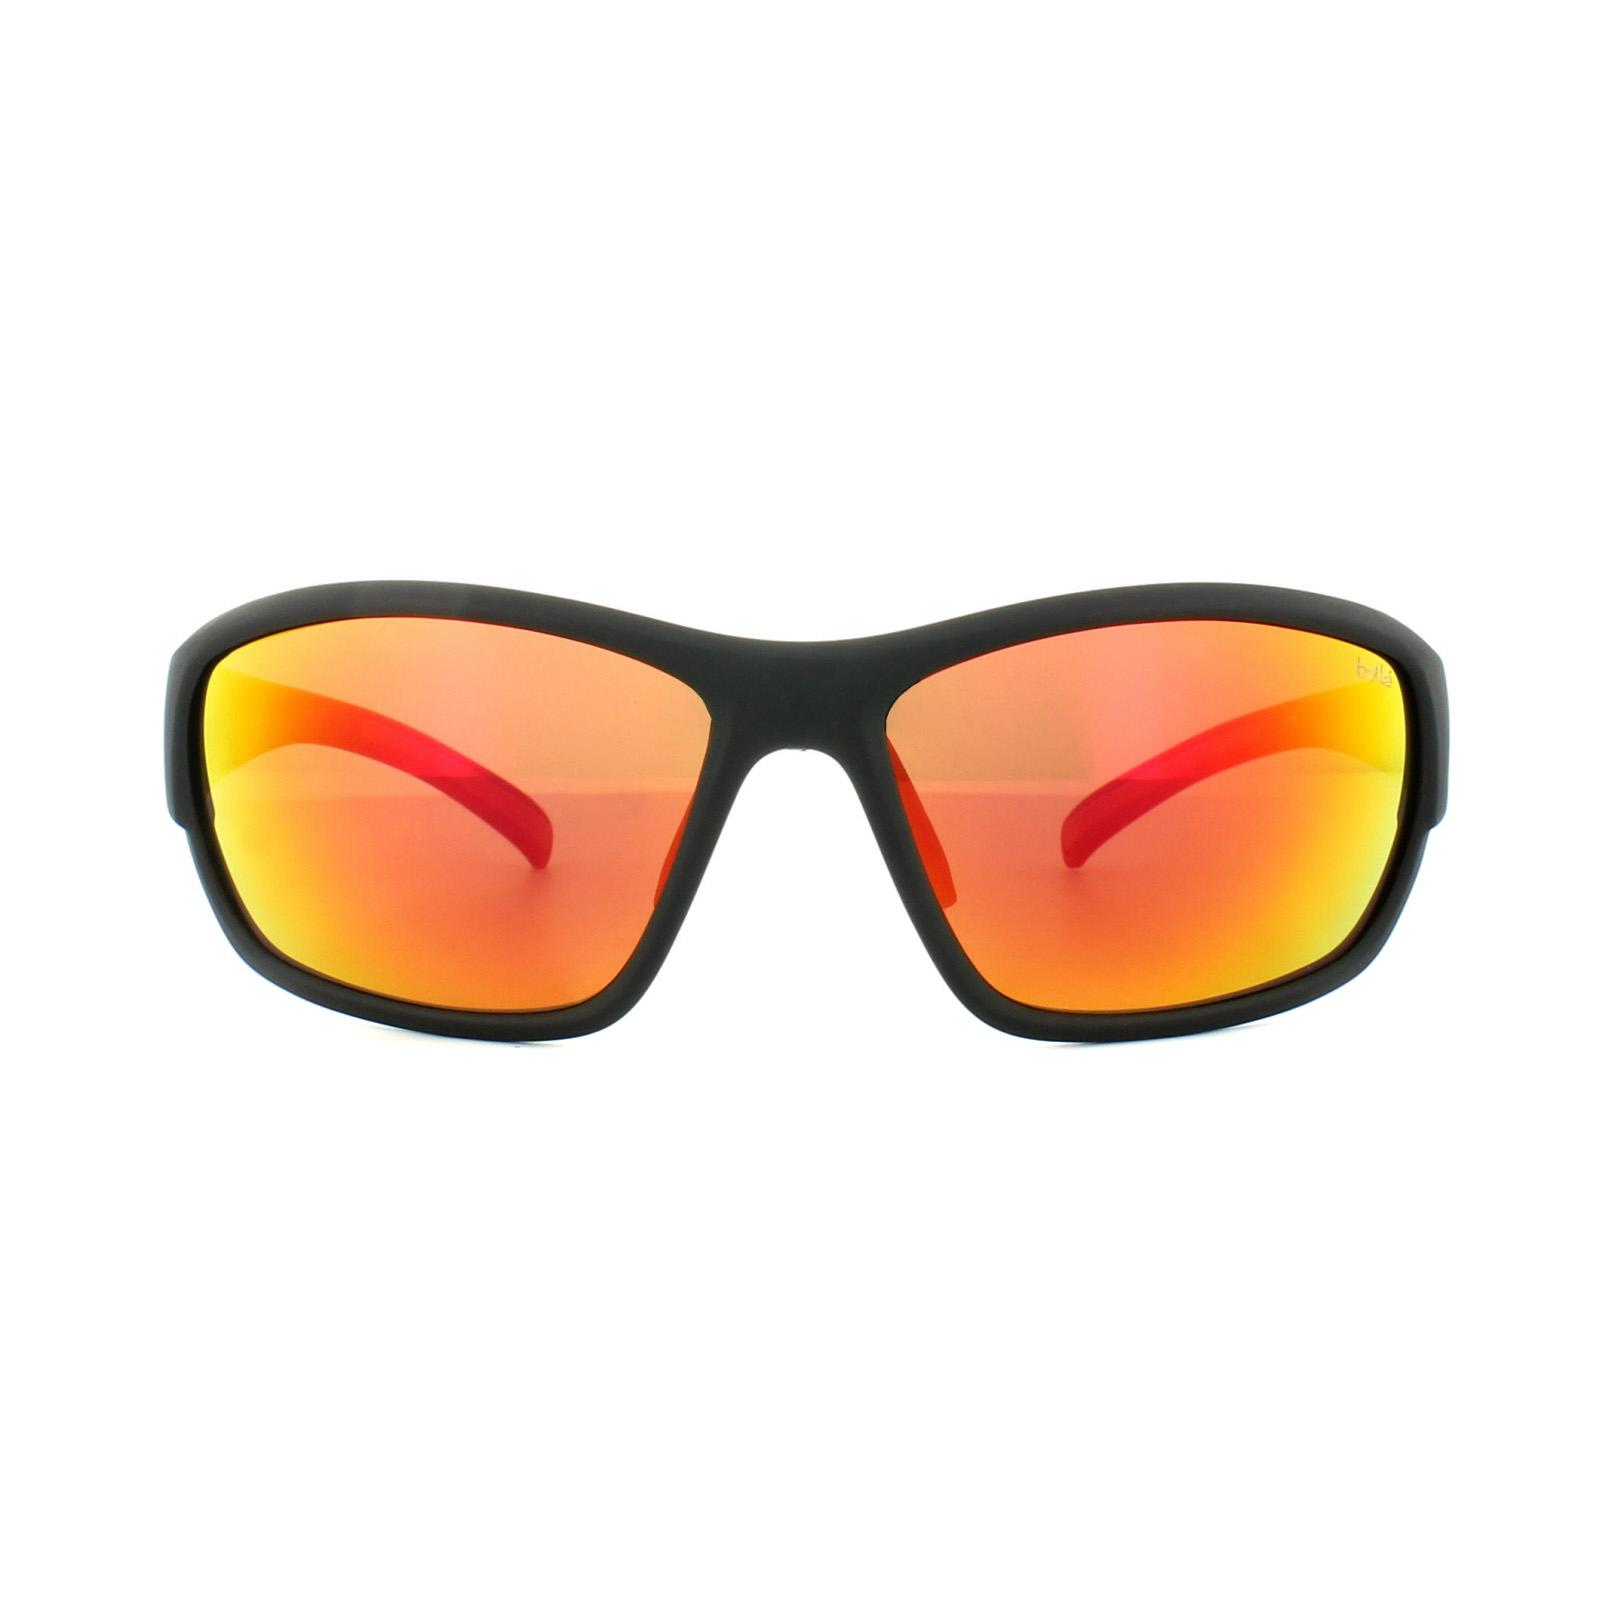 Bolle occhiali da sole bounty 11679 nero opaco tns rosso - Specchio polarizzato ...